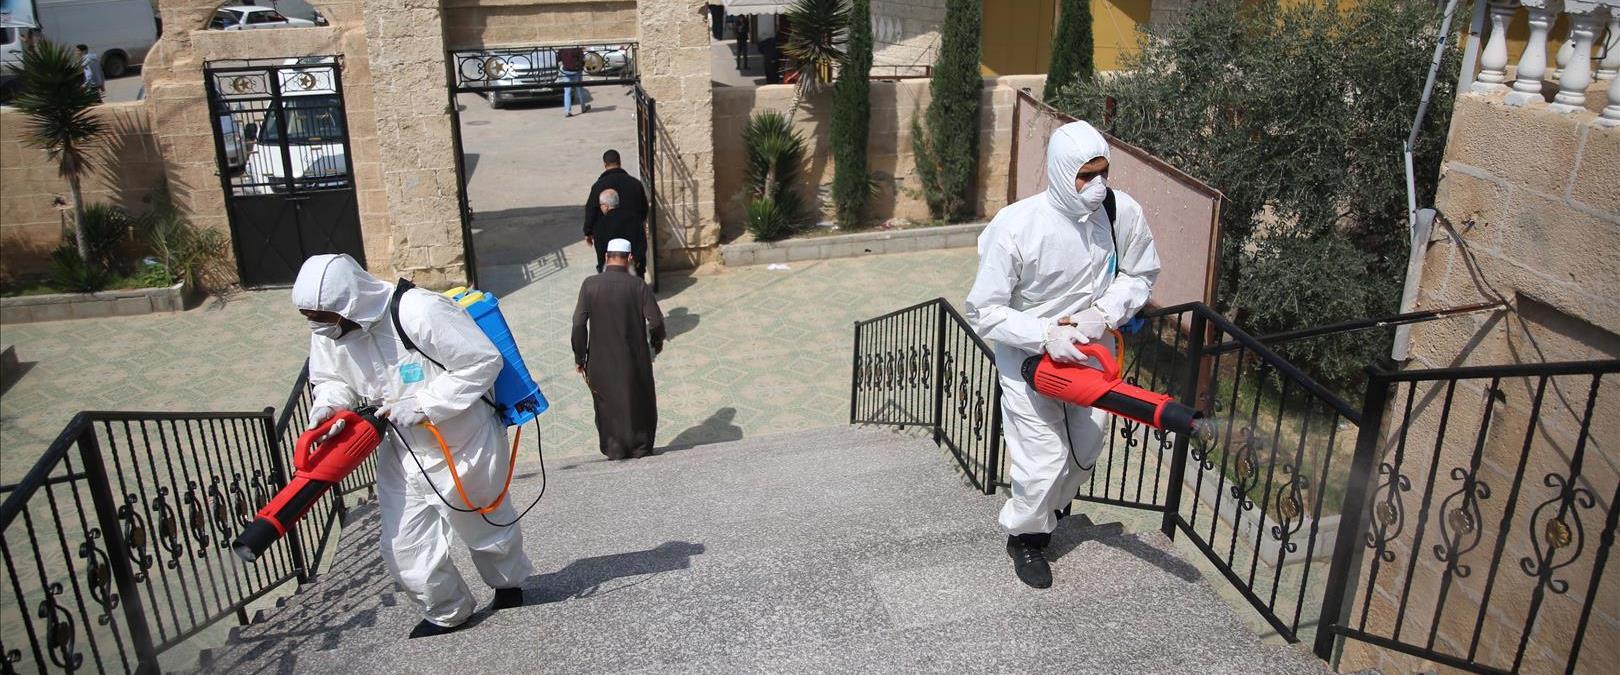 חיטוי מפני נגיף קורונה ברשות הפלסטינית